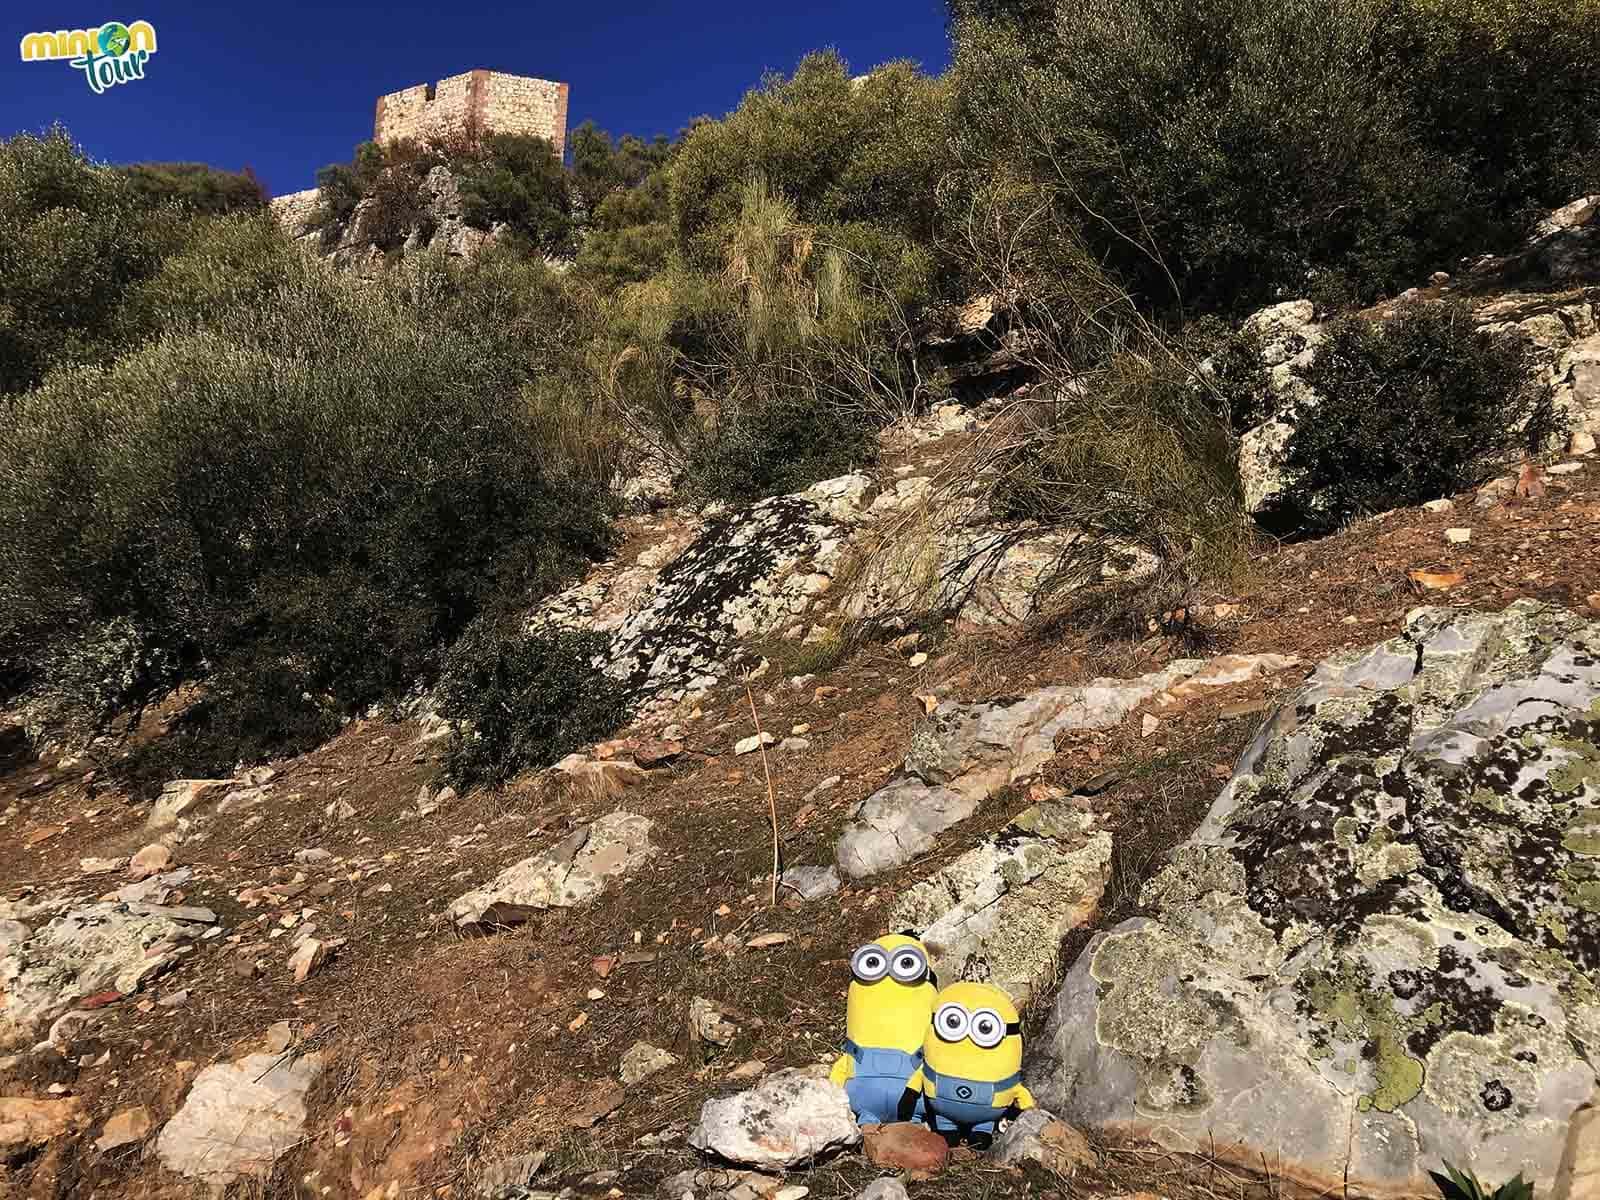 Vista de la Torre del Homenaje del Castillo de Monfragüe